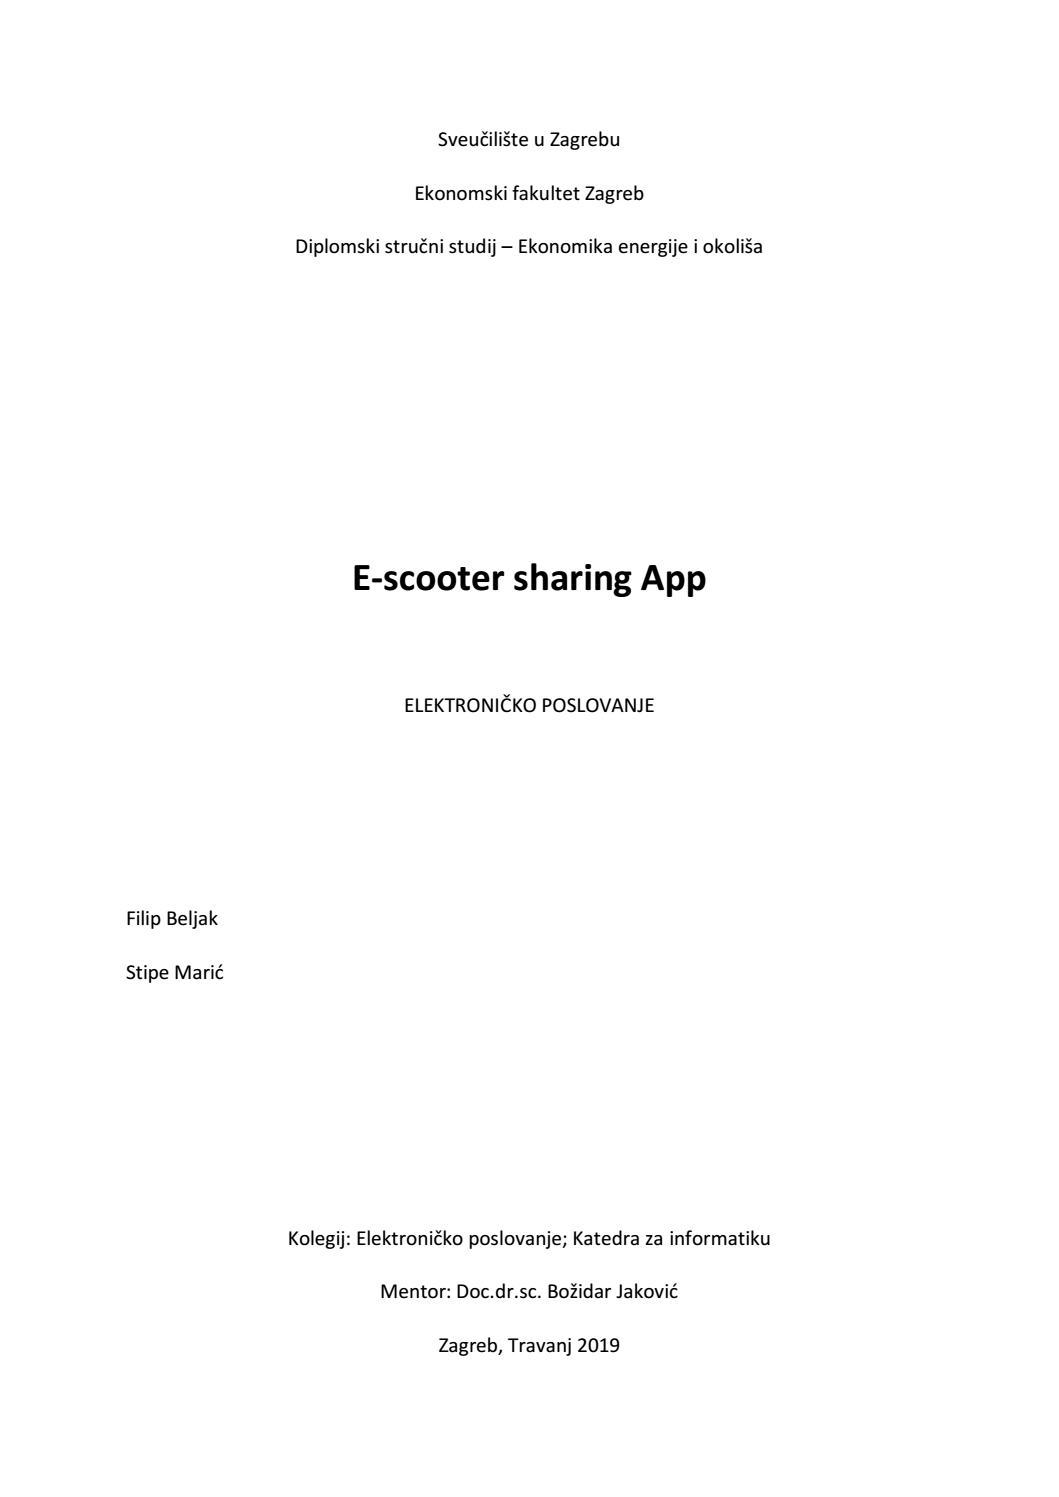 Aplikacija za sveučilišne pretrage